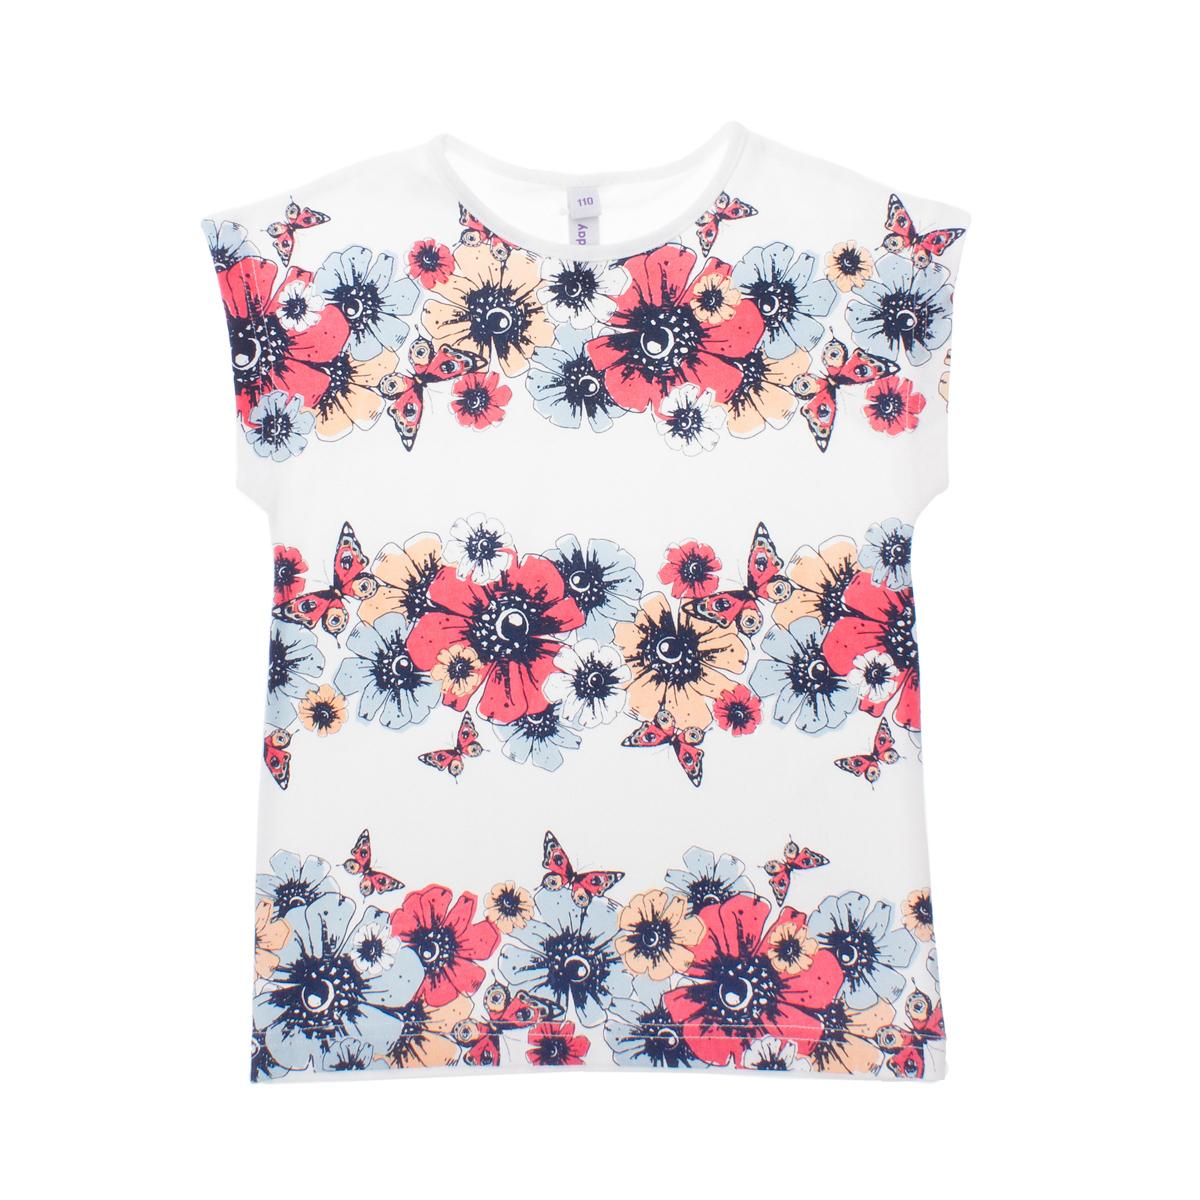 Комплект: футболка, шорты 162116